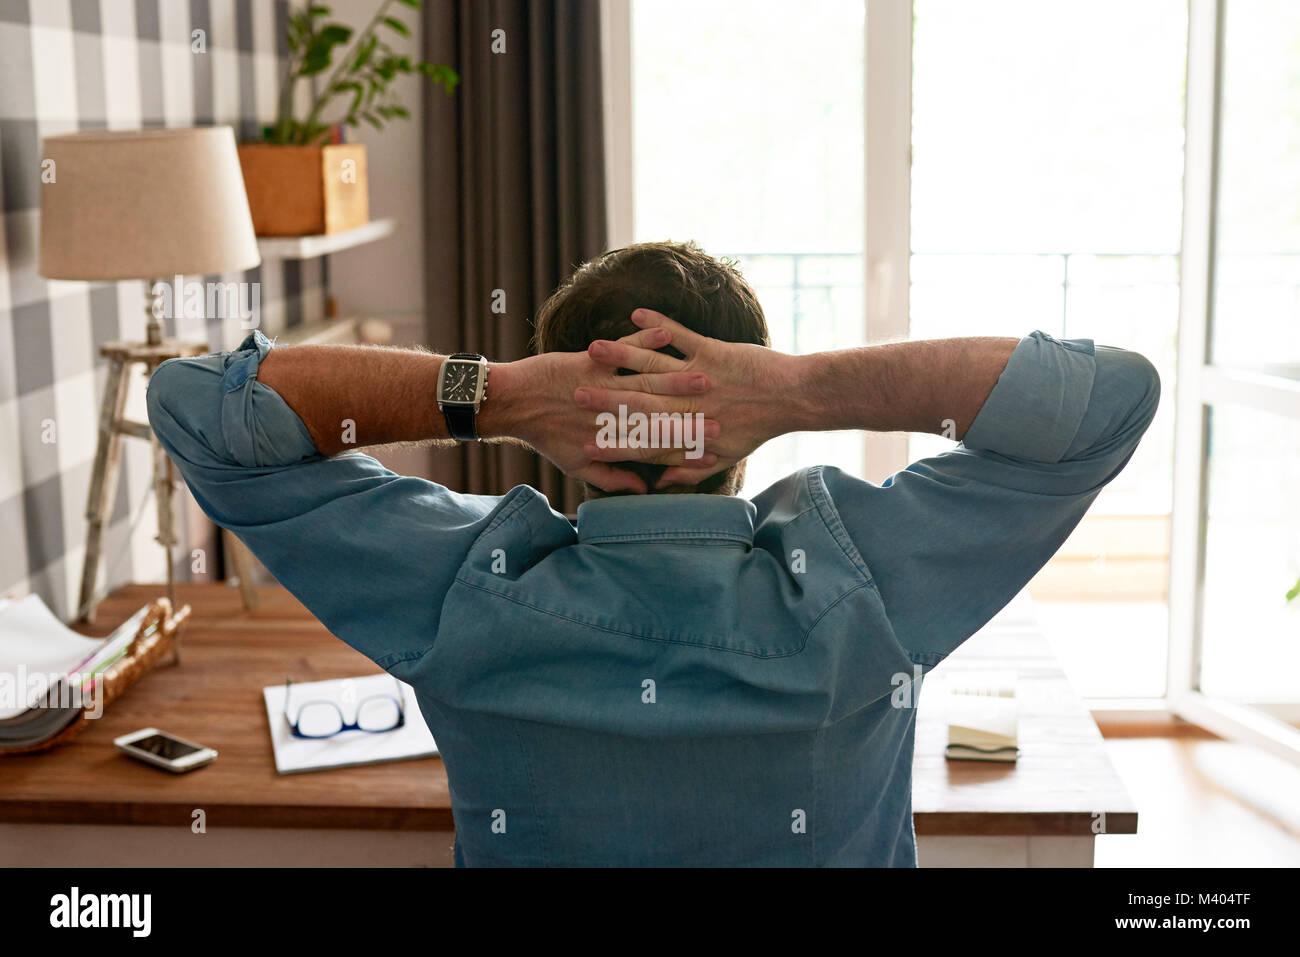 L'uomo Pendente ritornare nella sua sedia mentre si lavora da casa Immagini Stock